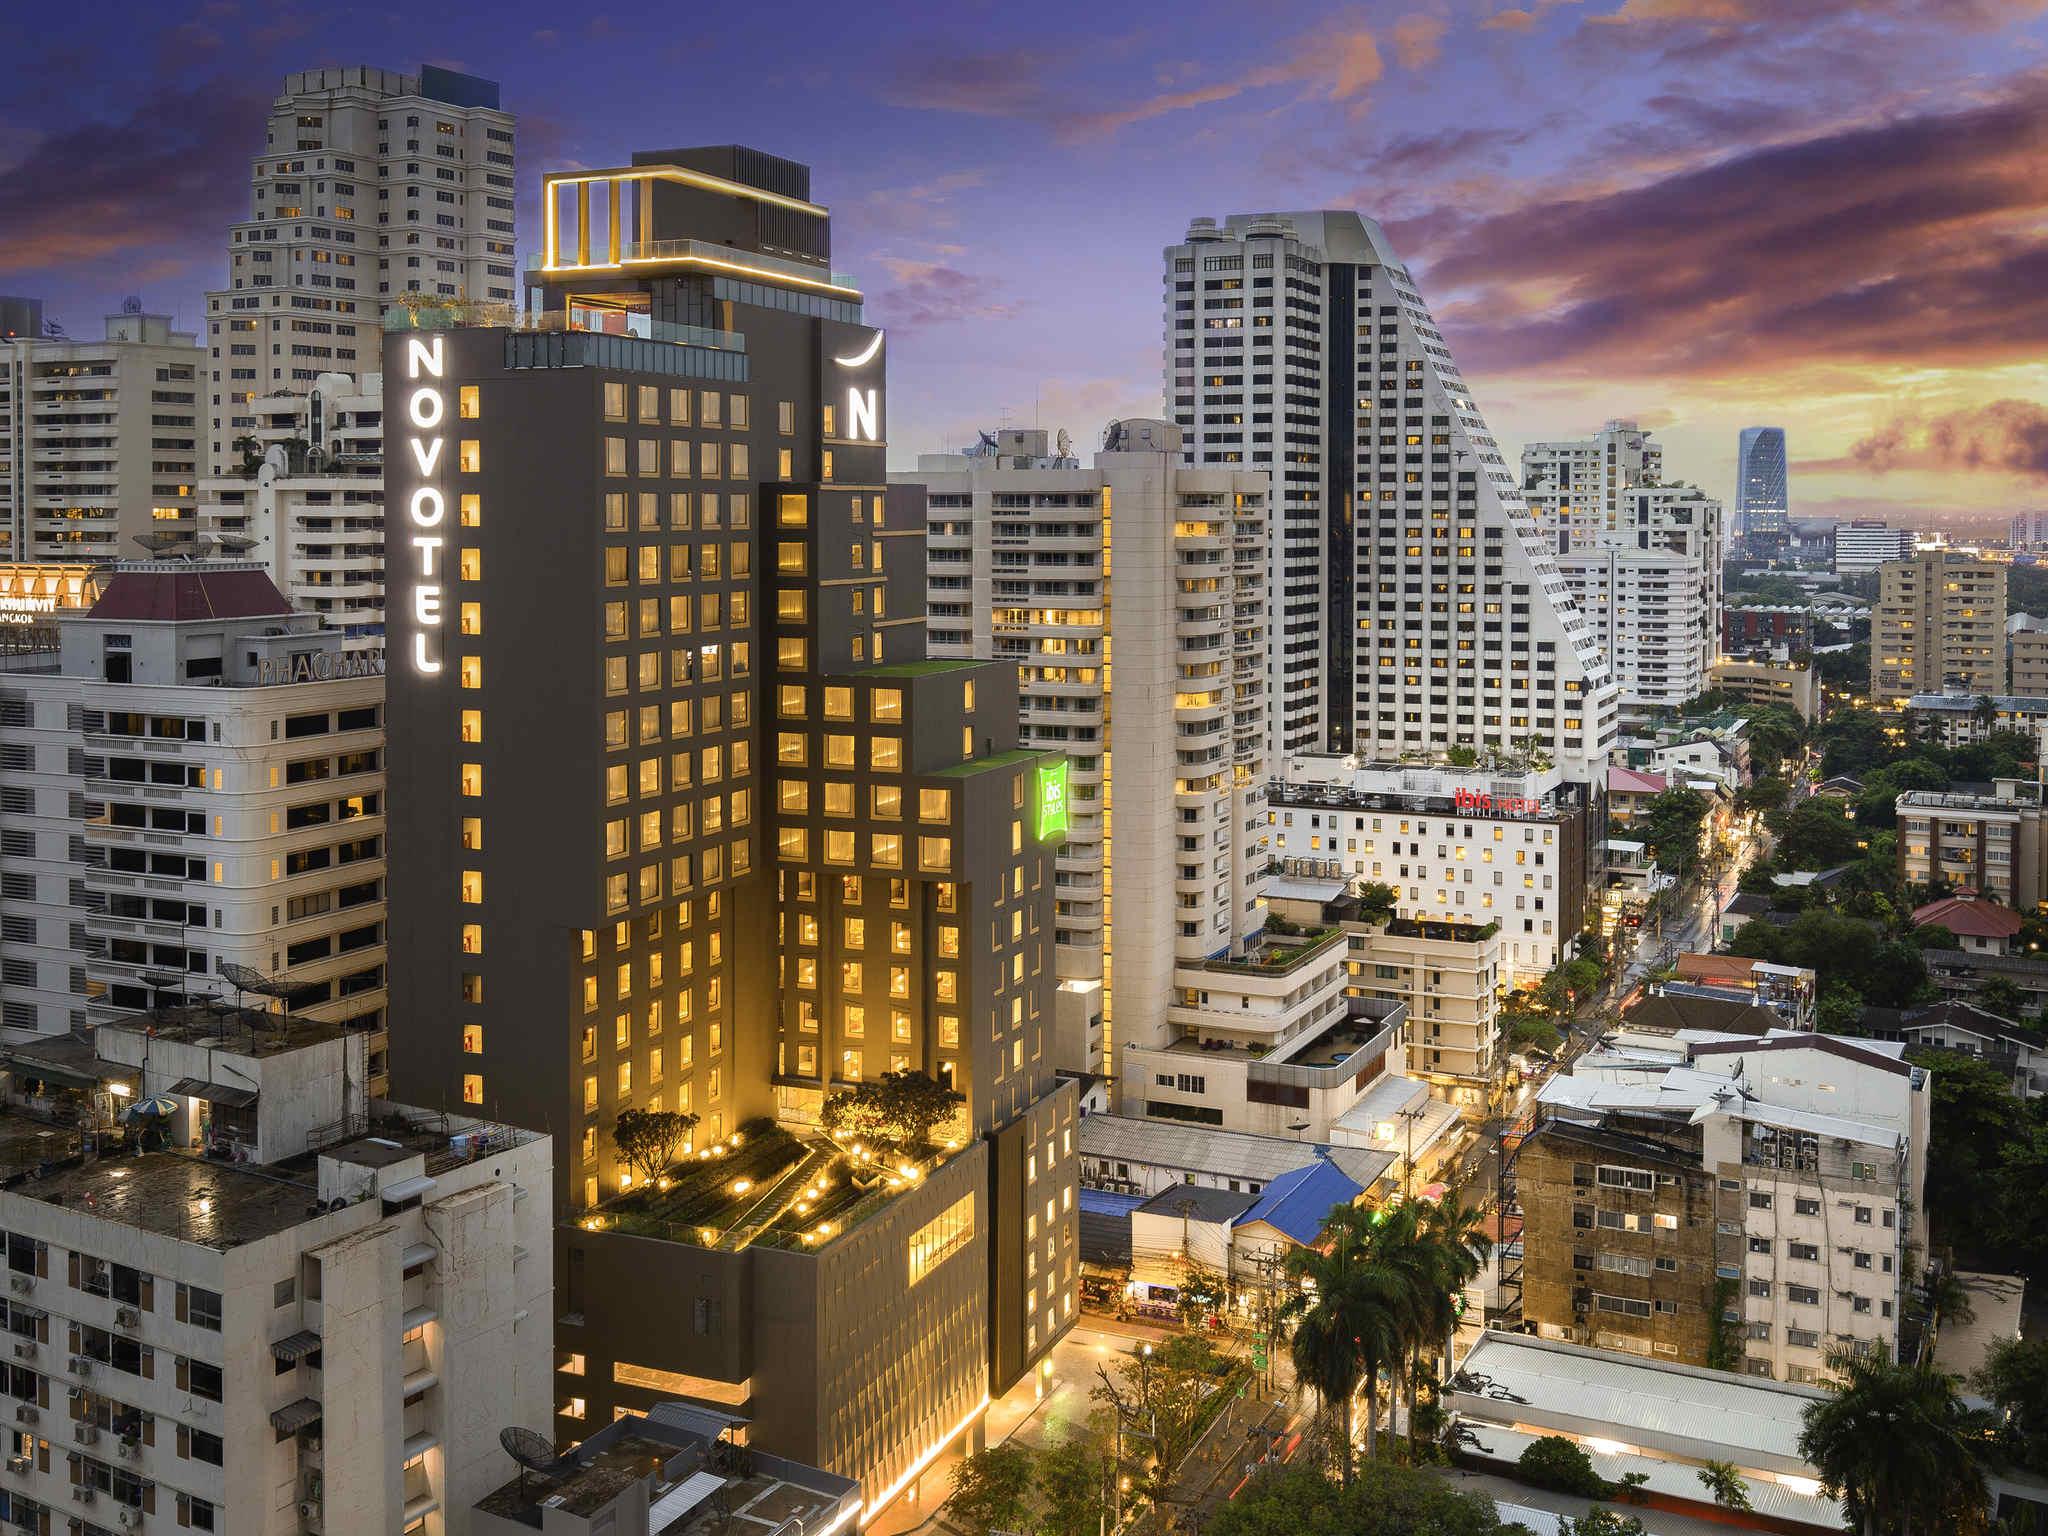 Novotel And Ibis Styles Bangkok Sukhumvit 4